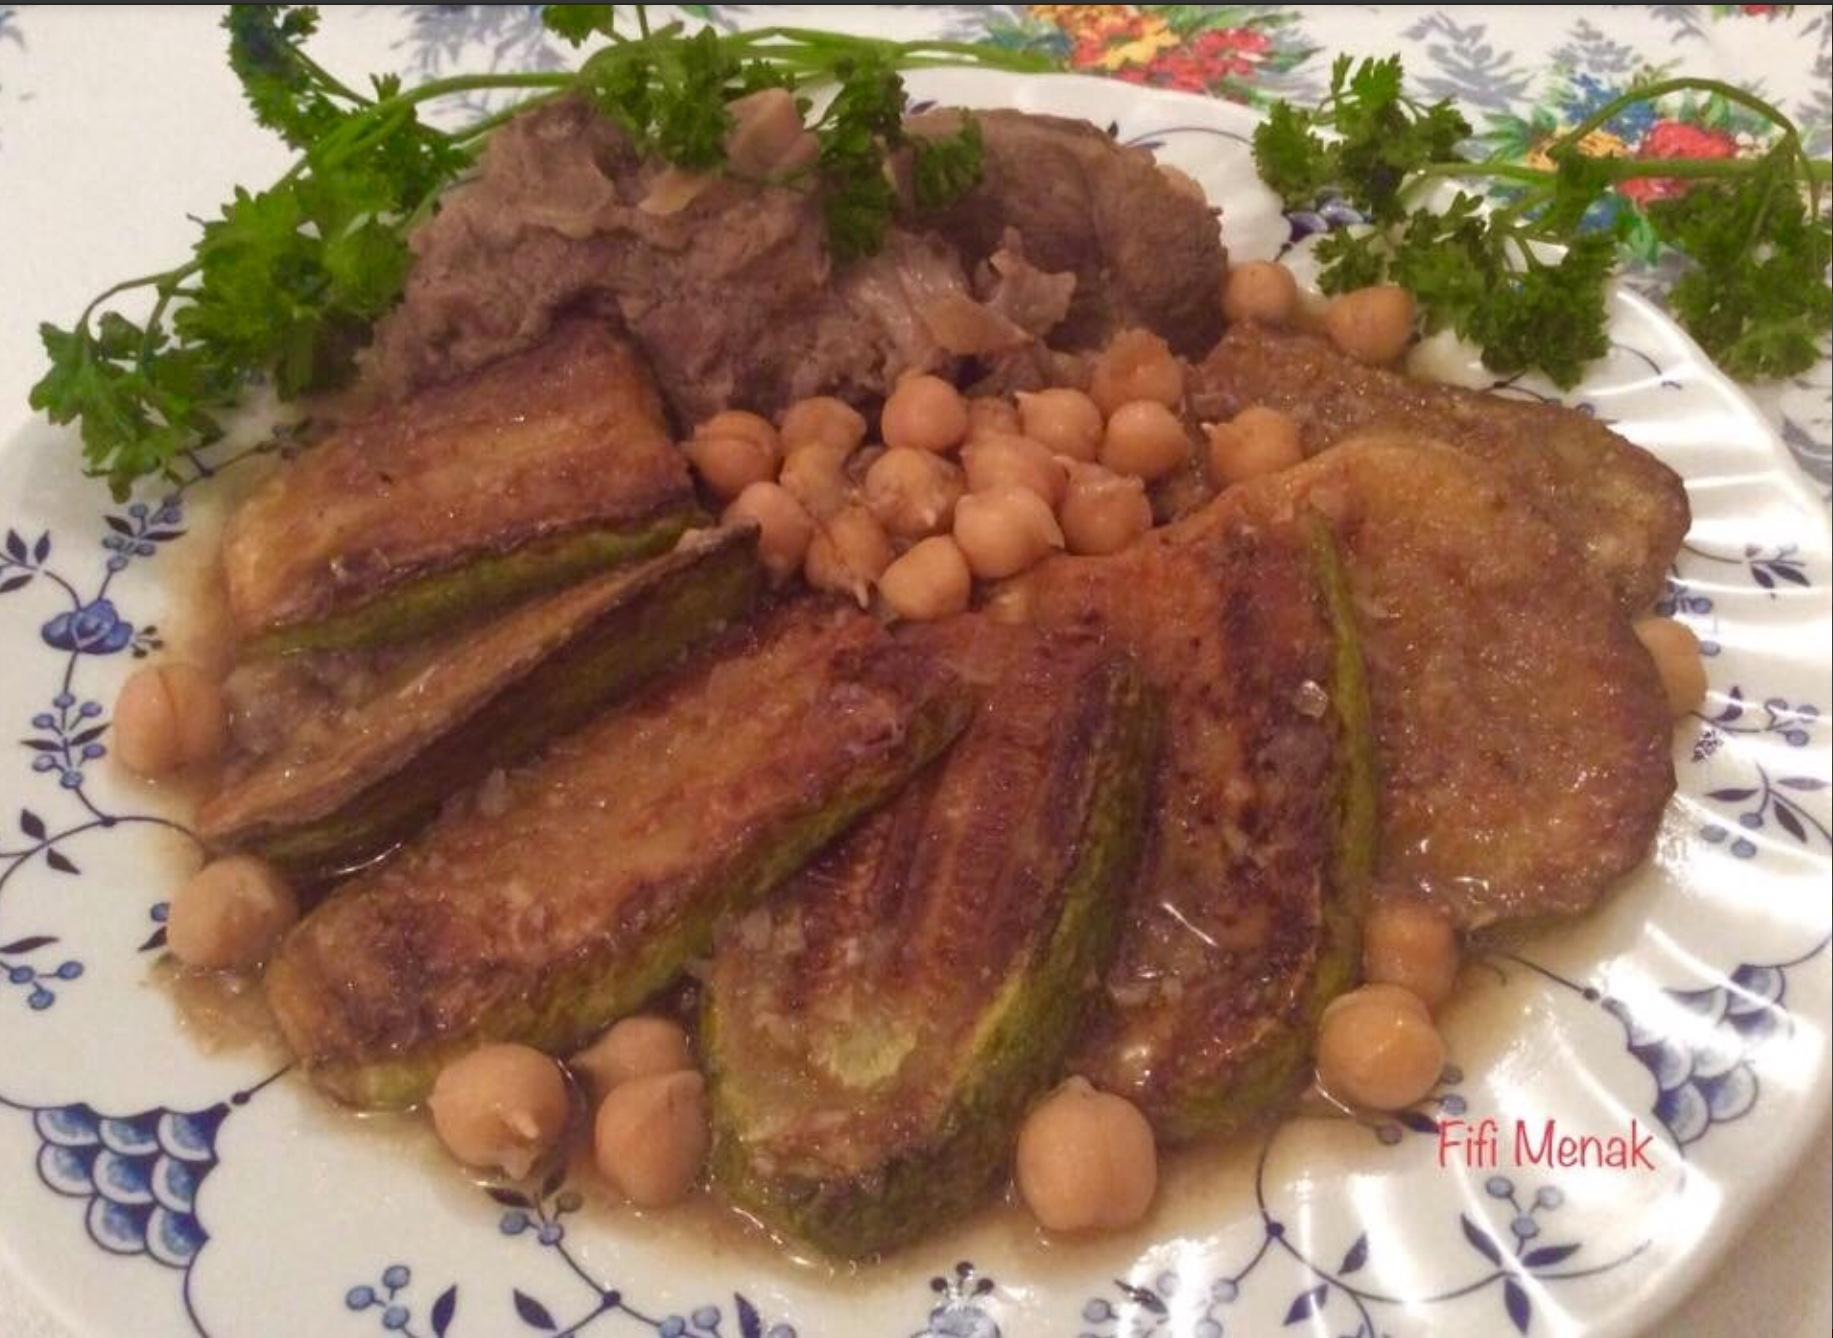 Courgettes frites en sauce blanche à l'ail et au carvi (Mderbel qaraa)